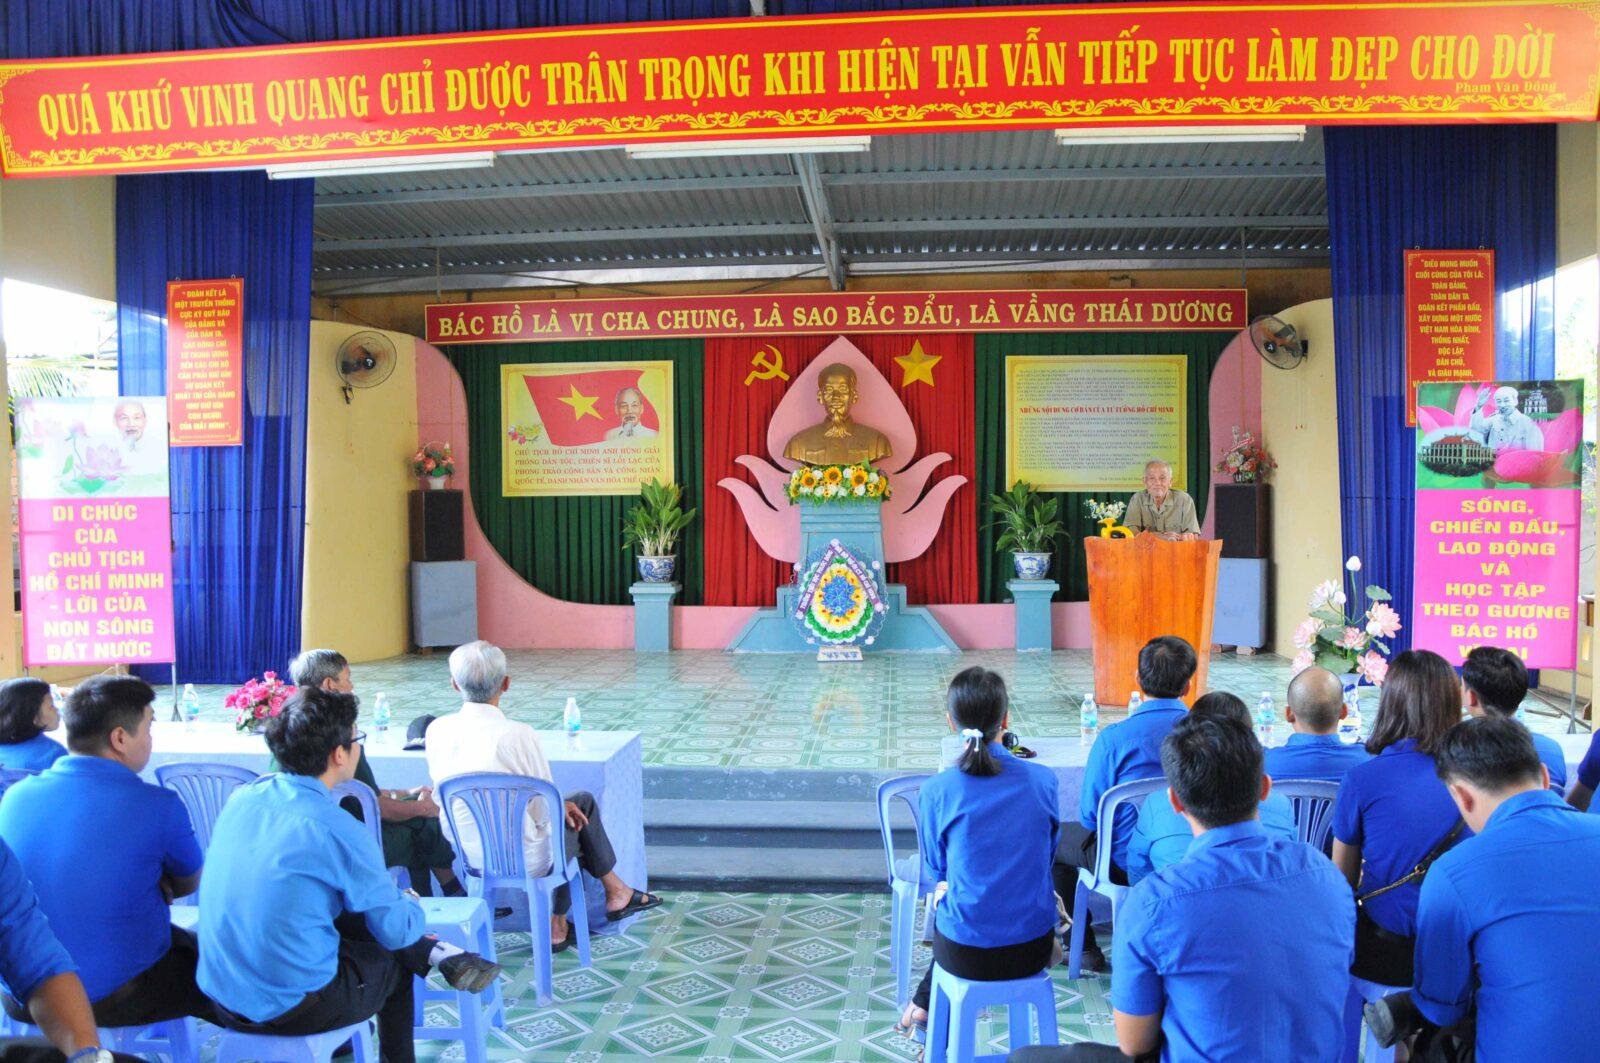 Cùng nghe ông Bùi Xuân Phước chia sẻ về quá trình hình thành khu tưởng niệm Chủ tịch Hồ Chí Minh